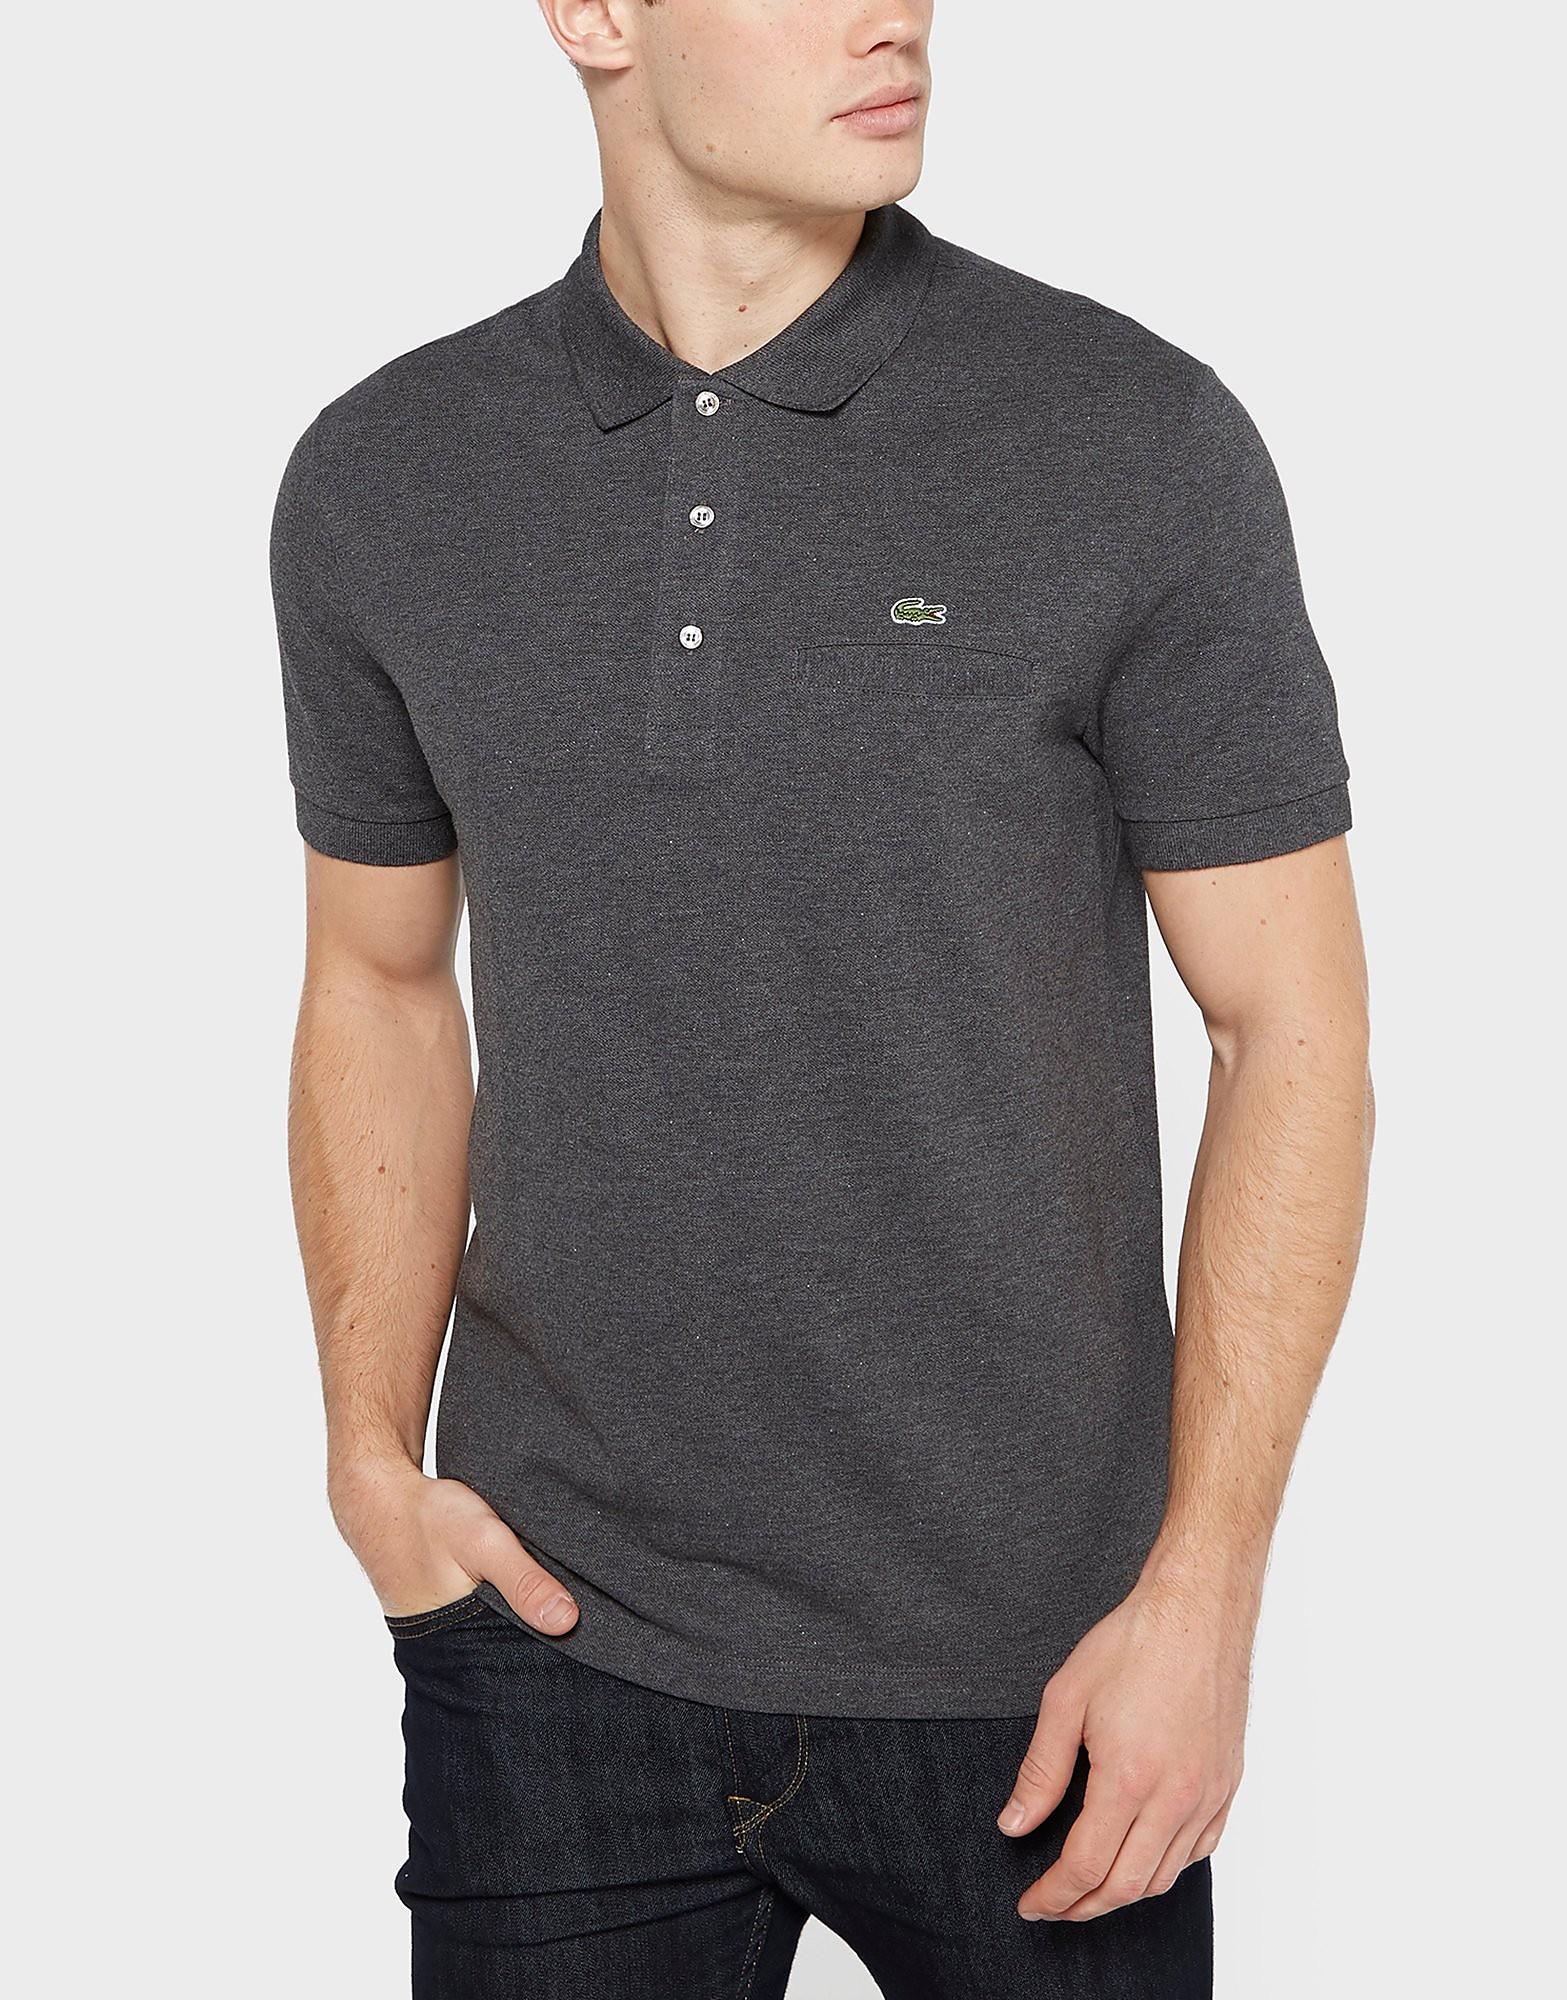 Lacoste Pocket Pique Polo Shirt